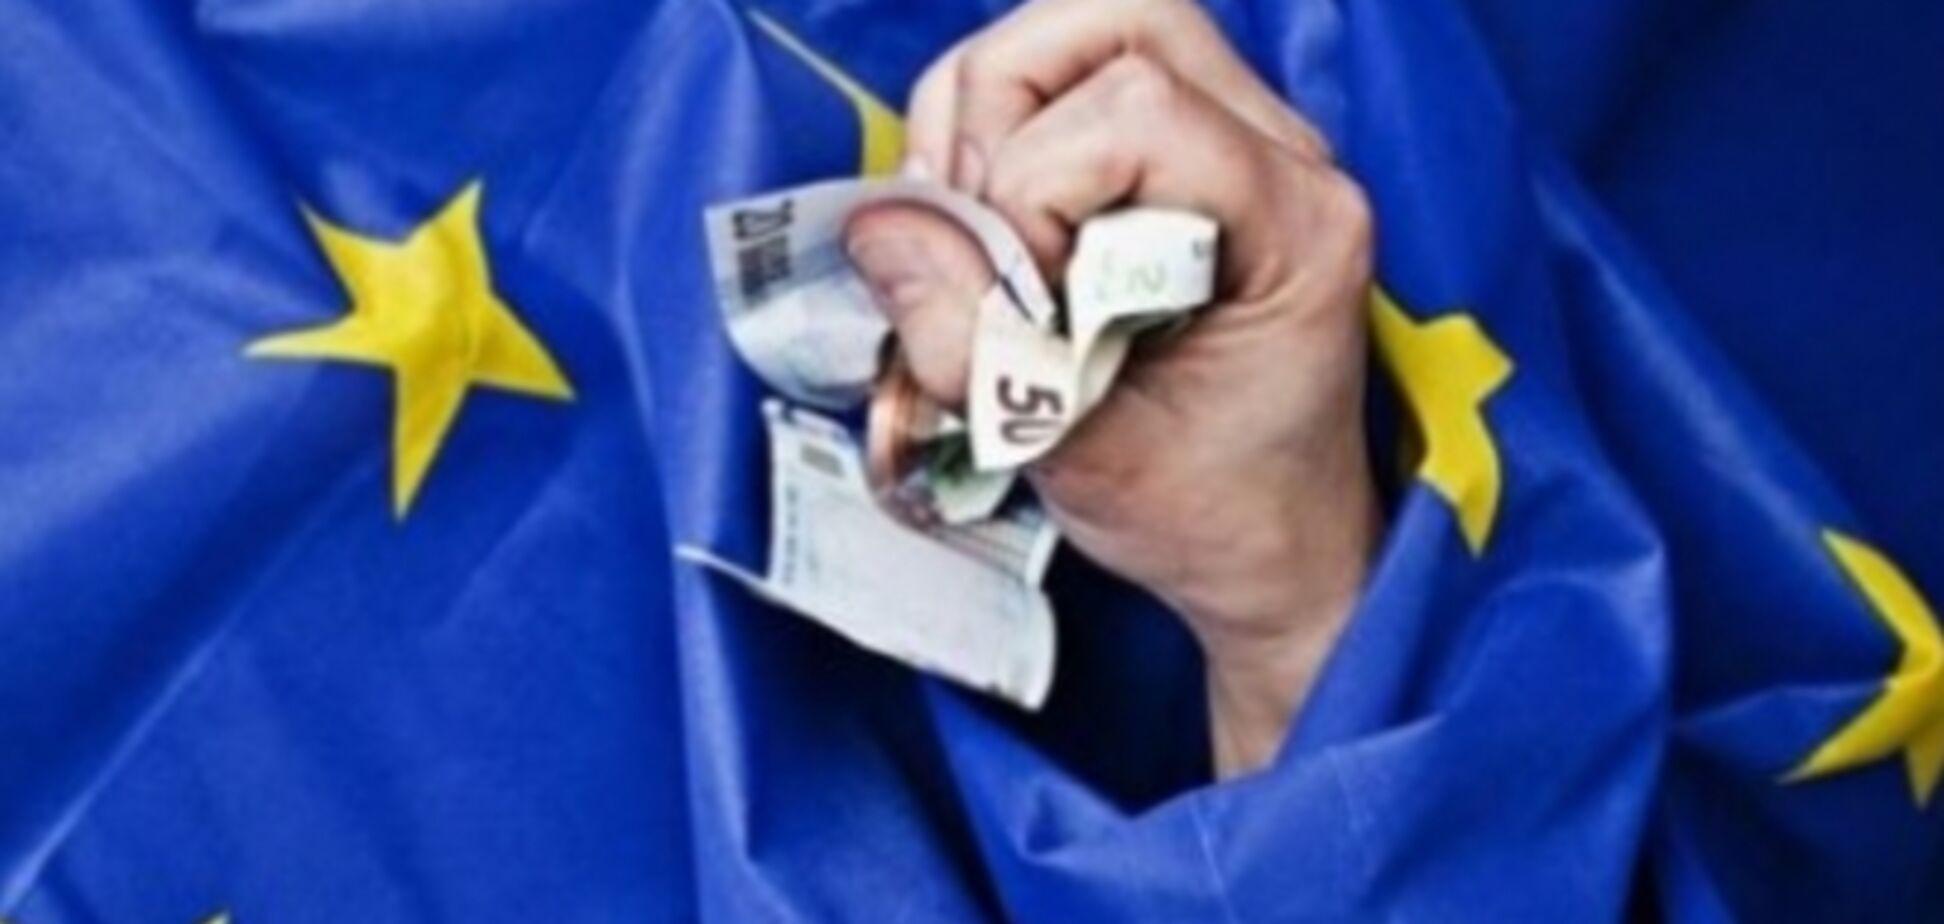 Если переговоры в Минске провалятся, реакция ЕС будет 'намного серьезнее' - МИД Польши